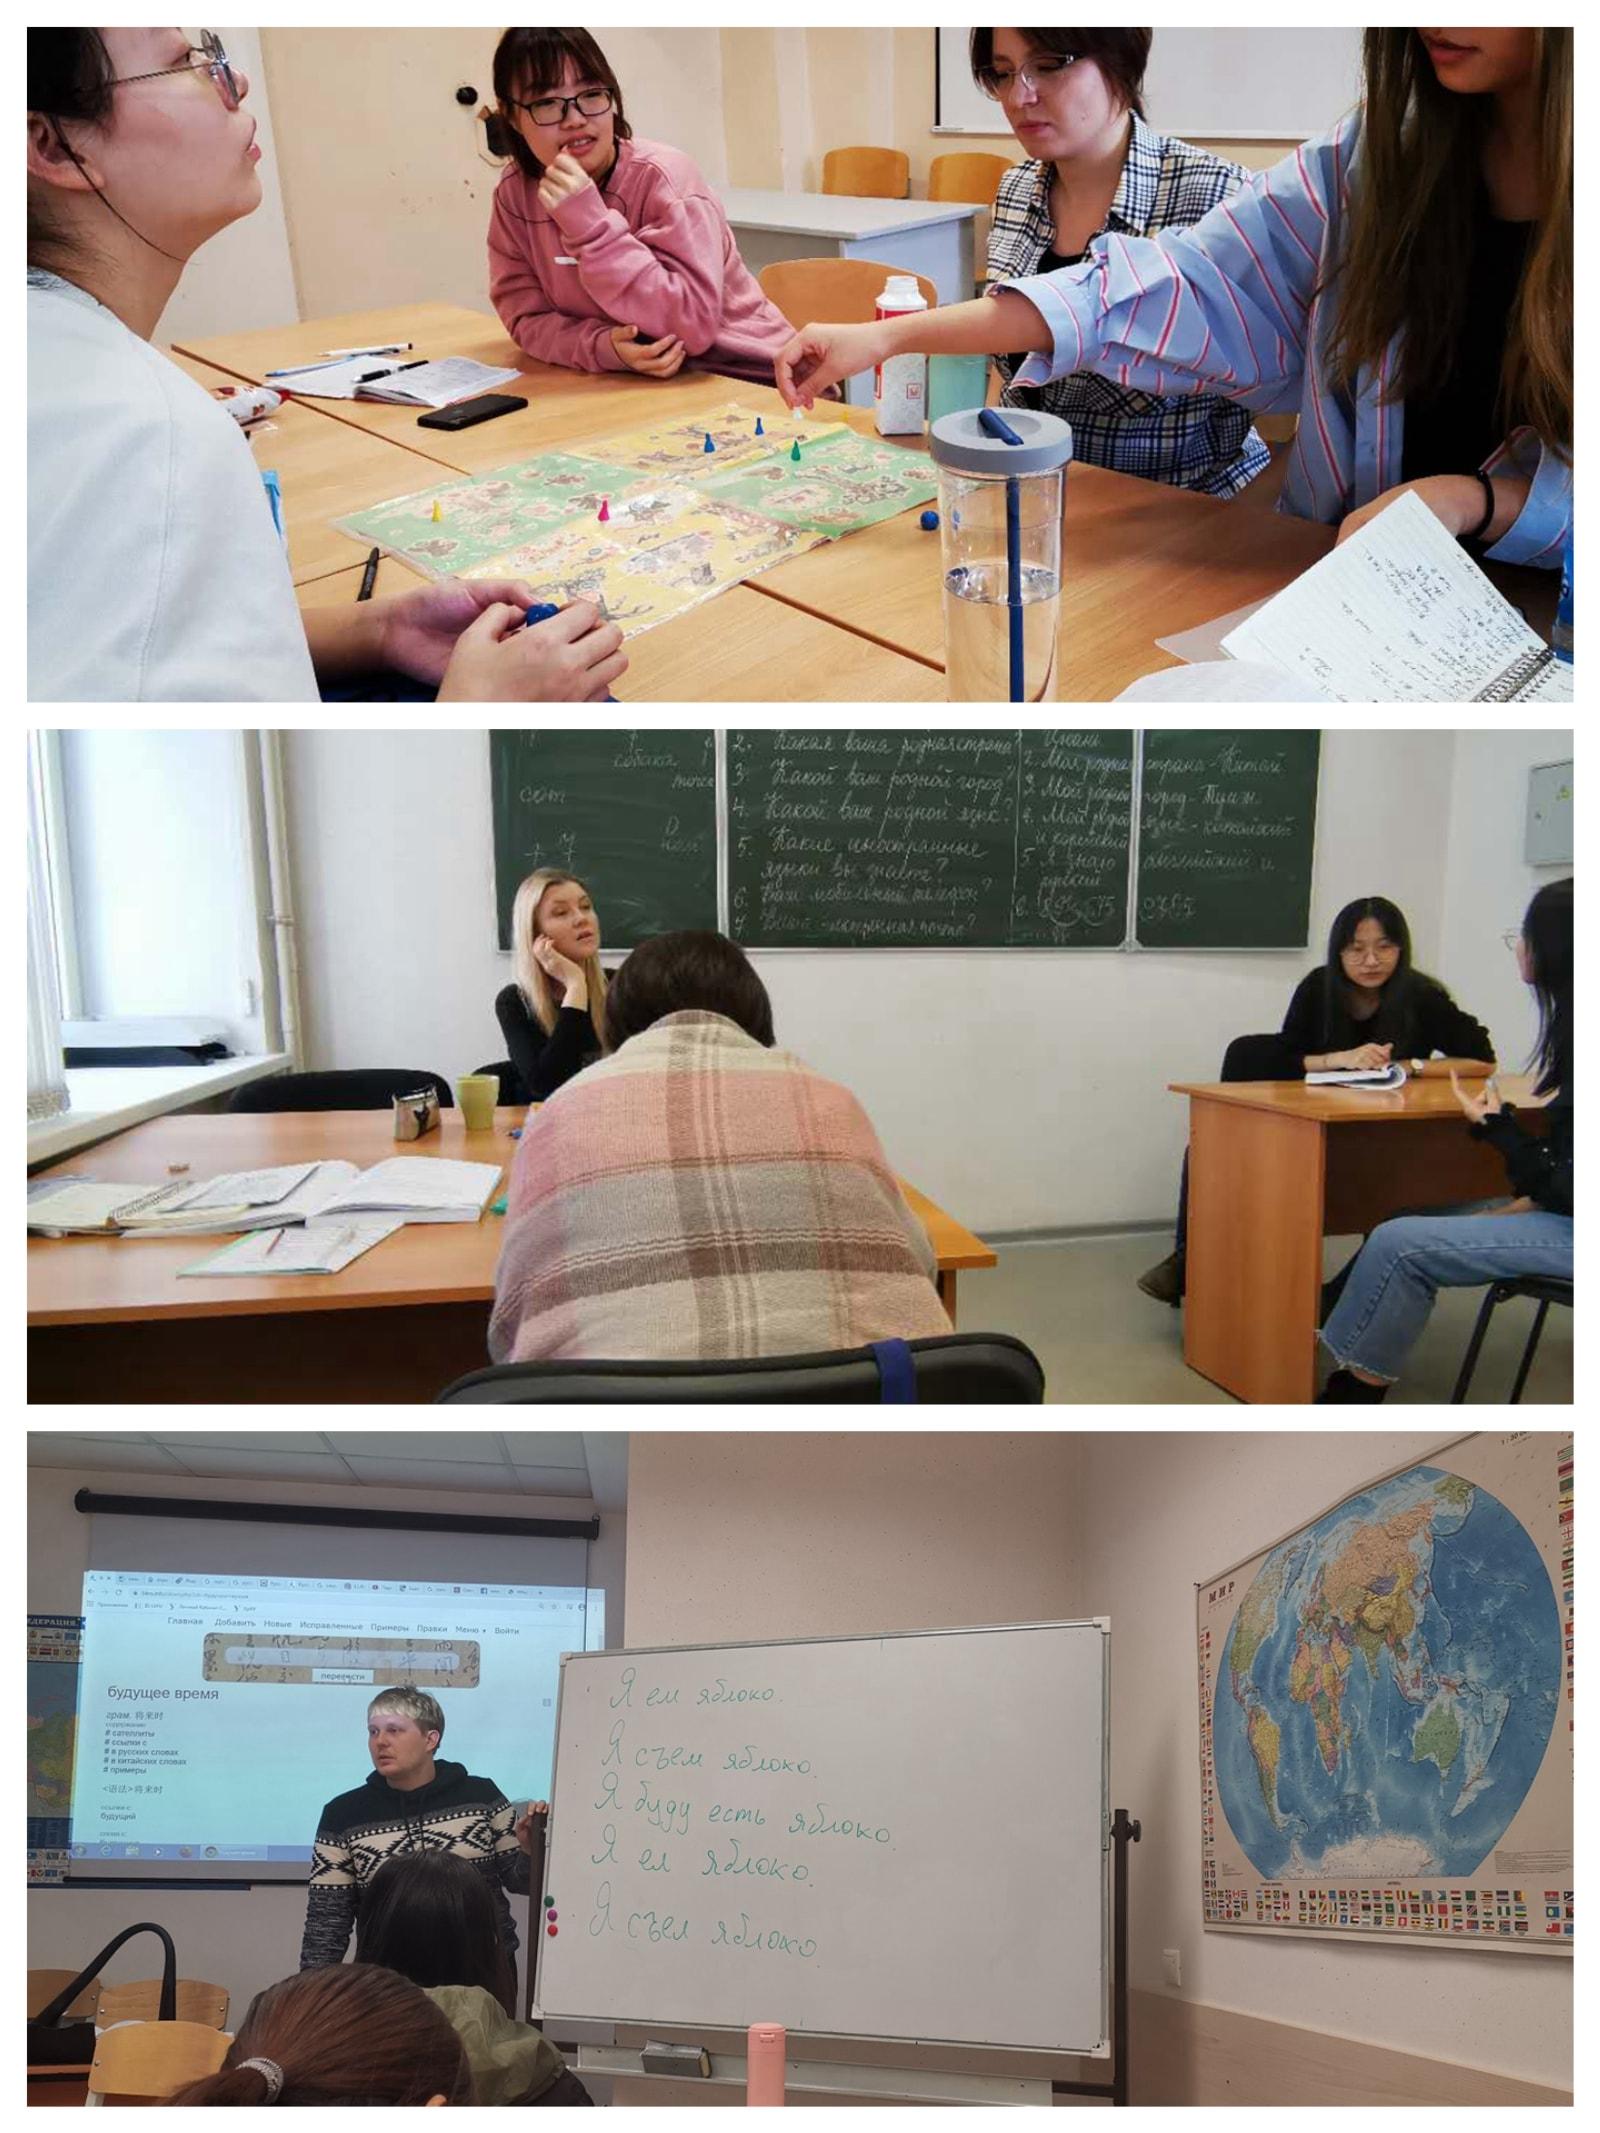 俄罗斯留学新生必看的30条人生建议,强烈建议收藏!插图3-小狮座俄罗斯留学